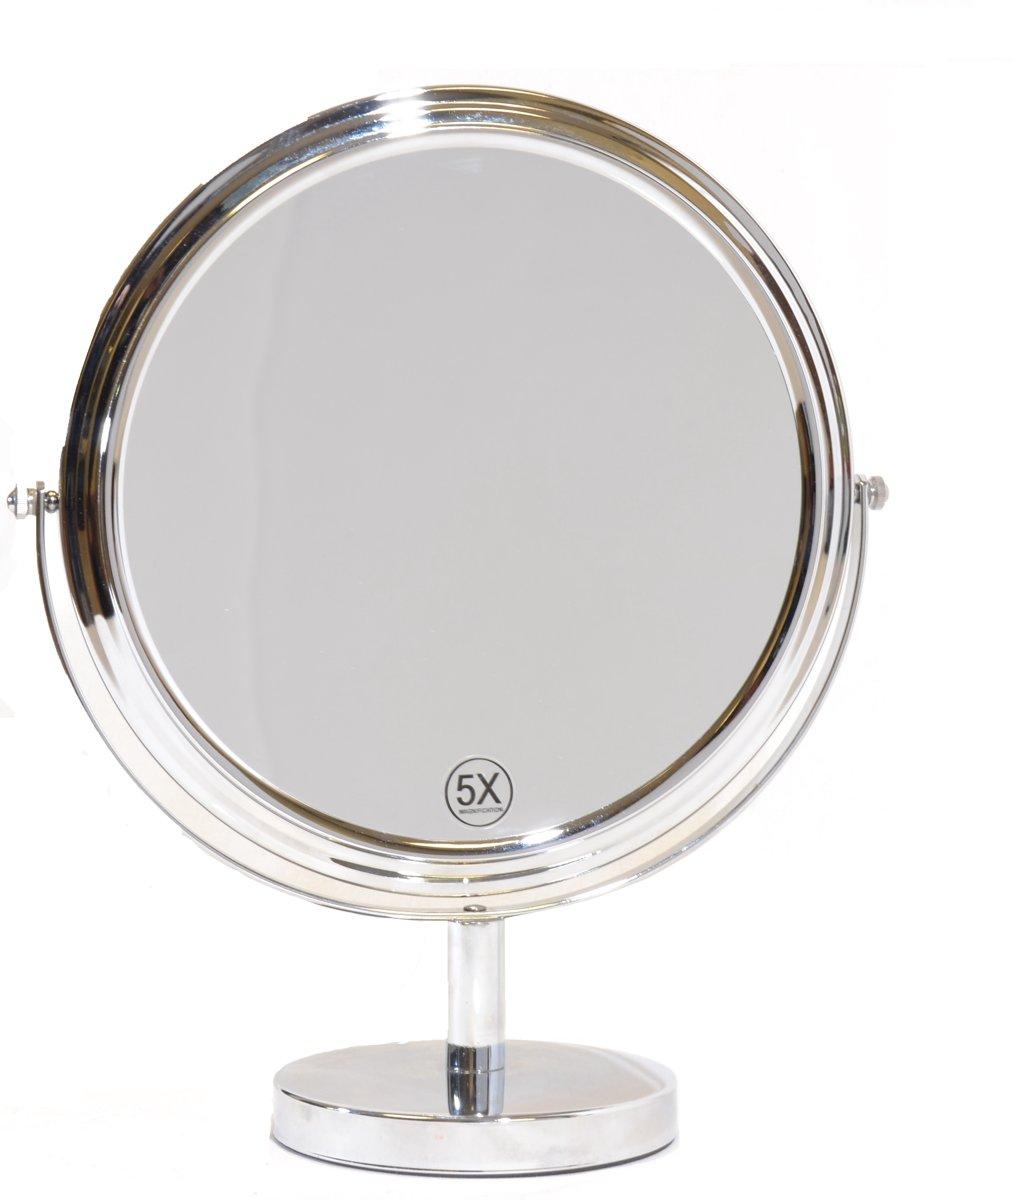 grote make up spiegel 27cm 5x vergroting 8716181094777. Black Bedroom Furniture Sets. Home Design Ideas